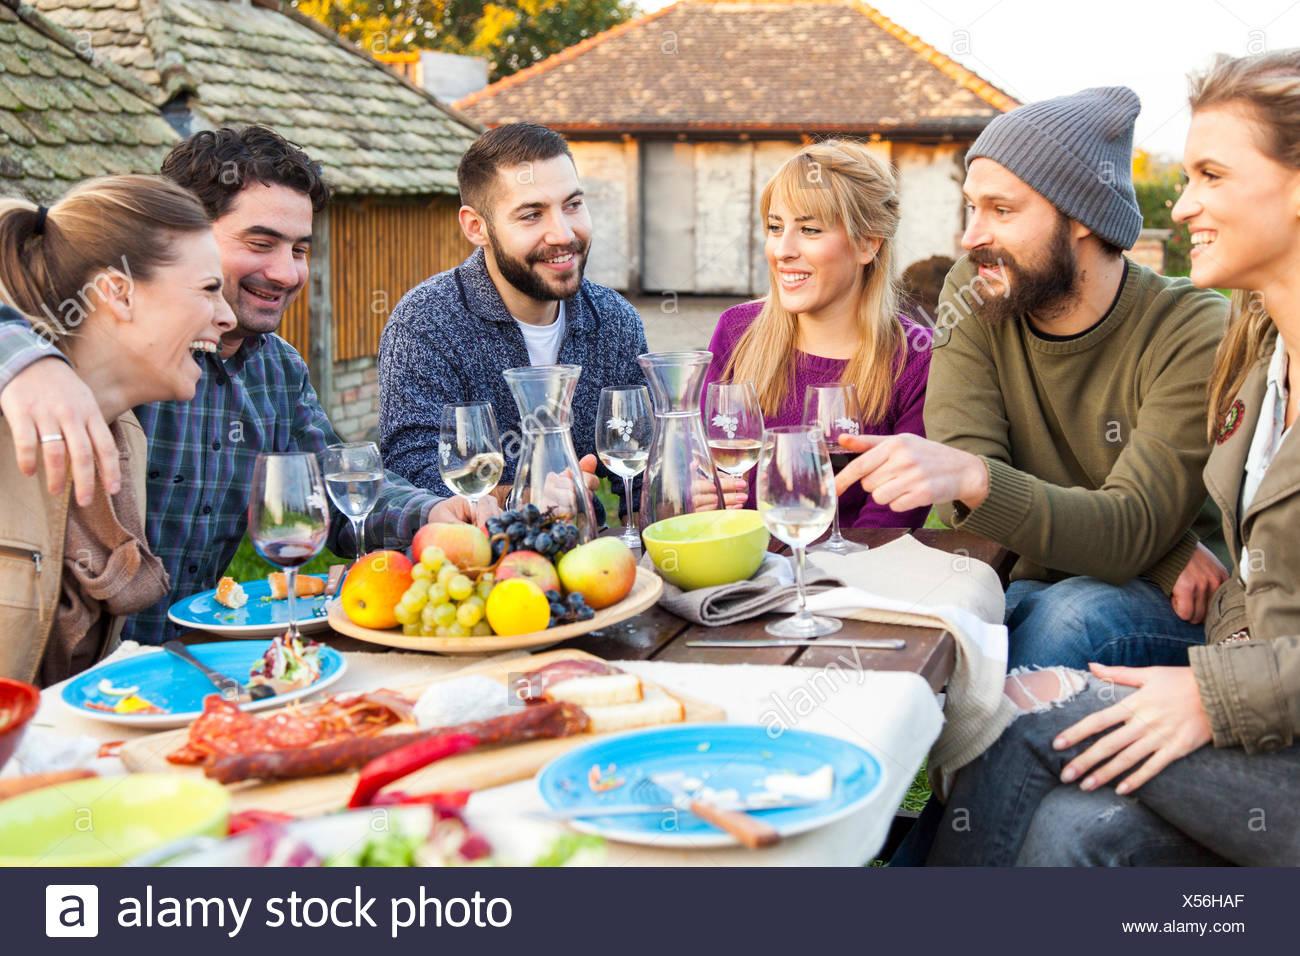 Gruppe von Freunden trinken Wein auf Gartenparty Stockbild